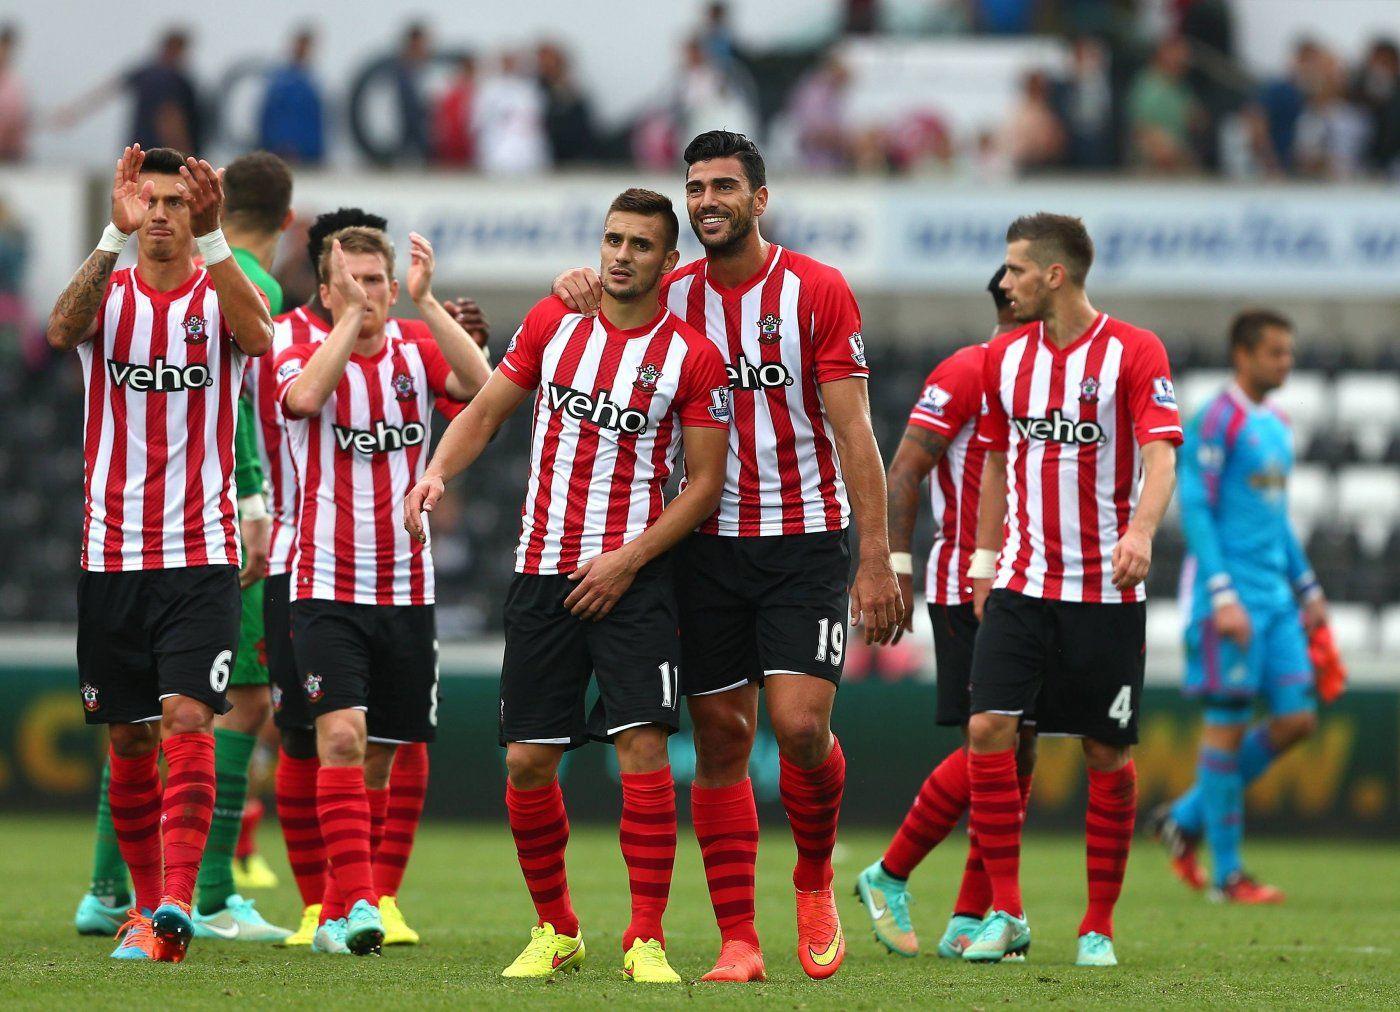 Годовой убыток ФК «Саутгемптон» вырос почти вдвое — до €82,4 млн